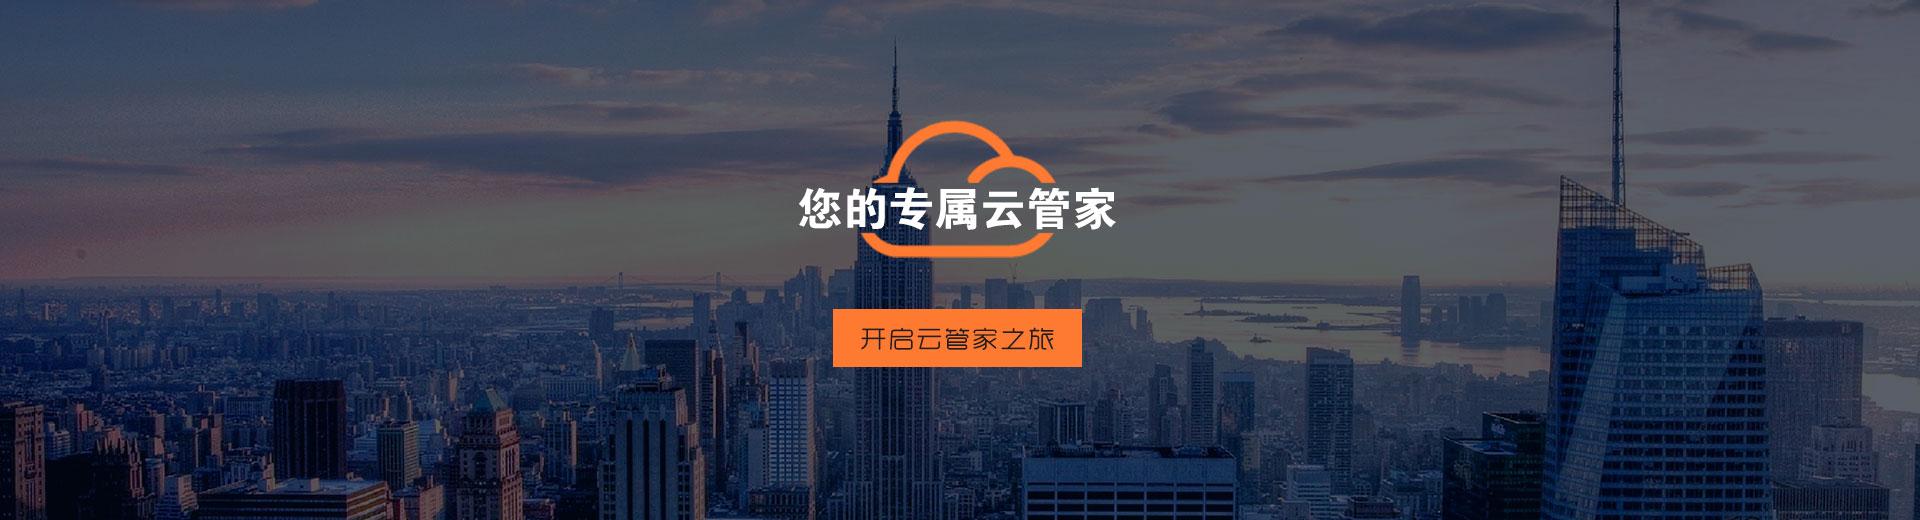 reeko锐科ECS华为公有云服务器方案商